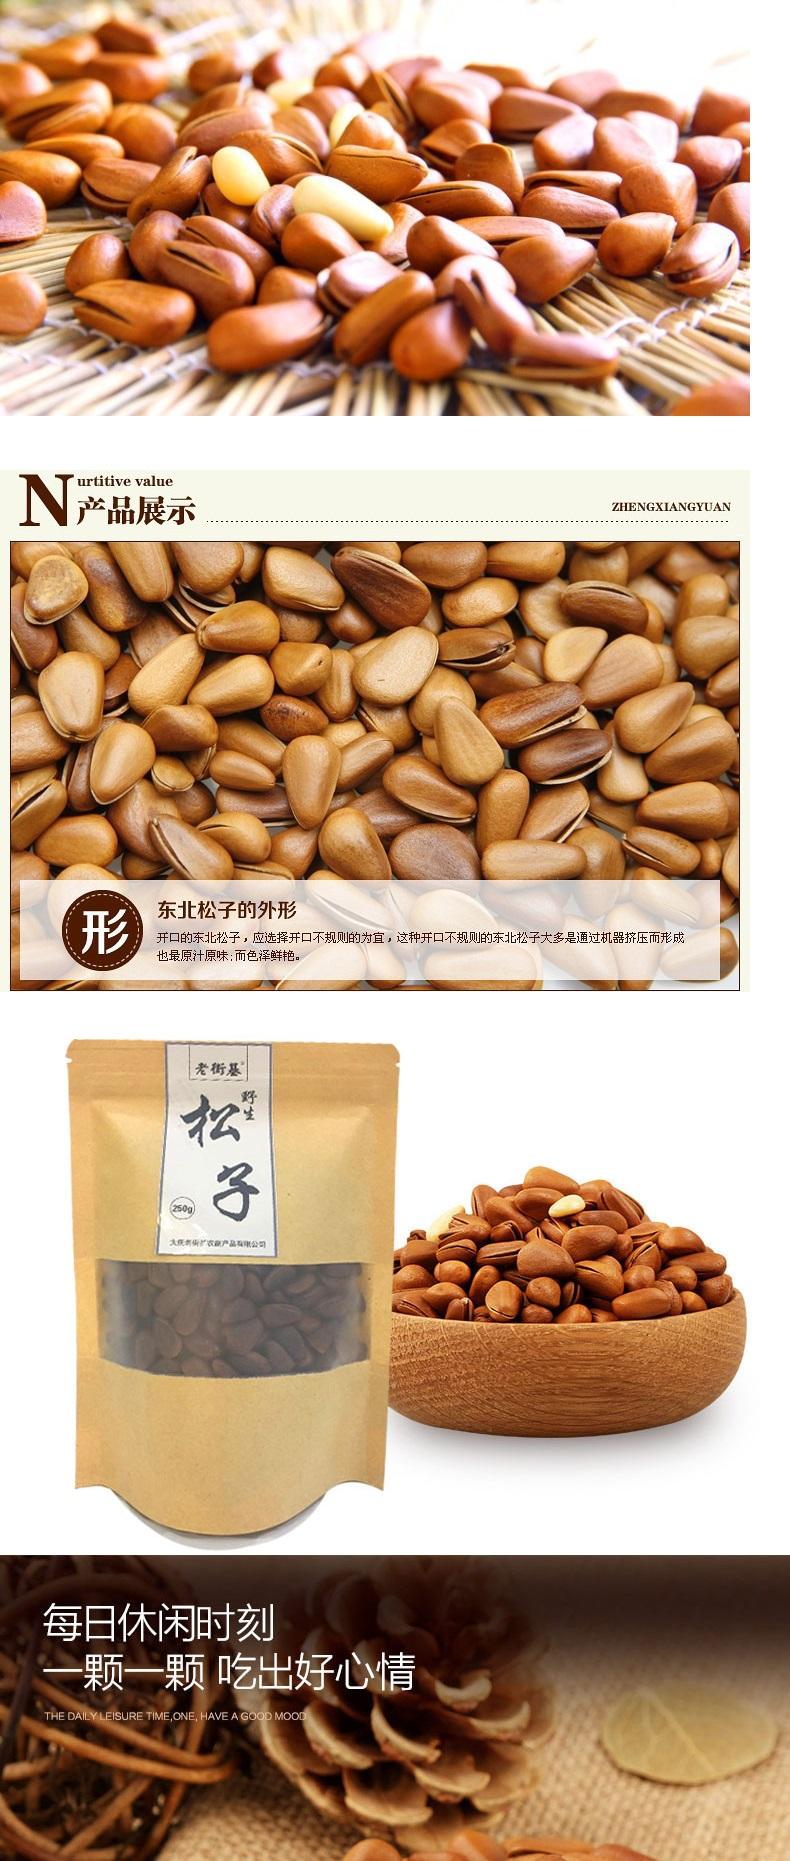 黑龙江特产  老街基东北野生松子原味坚果炒货干果零食250g/袋